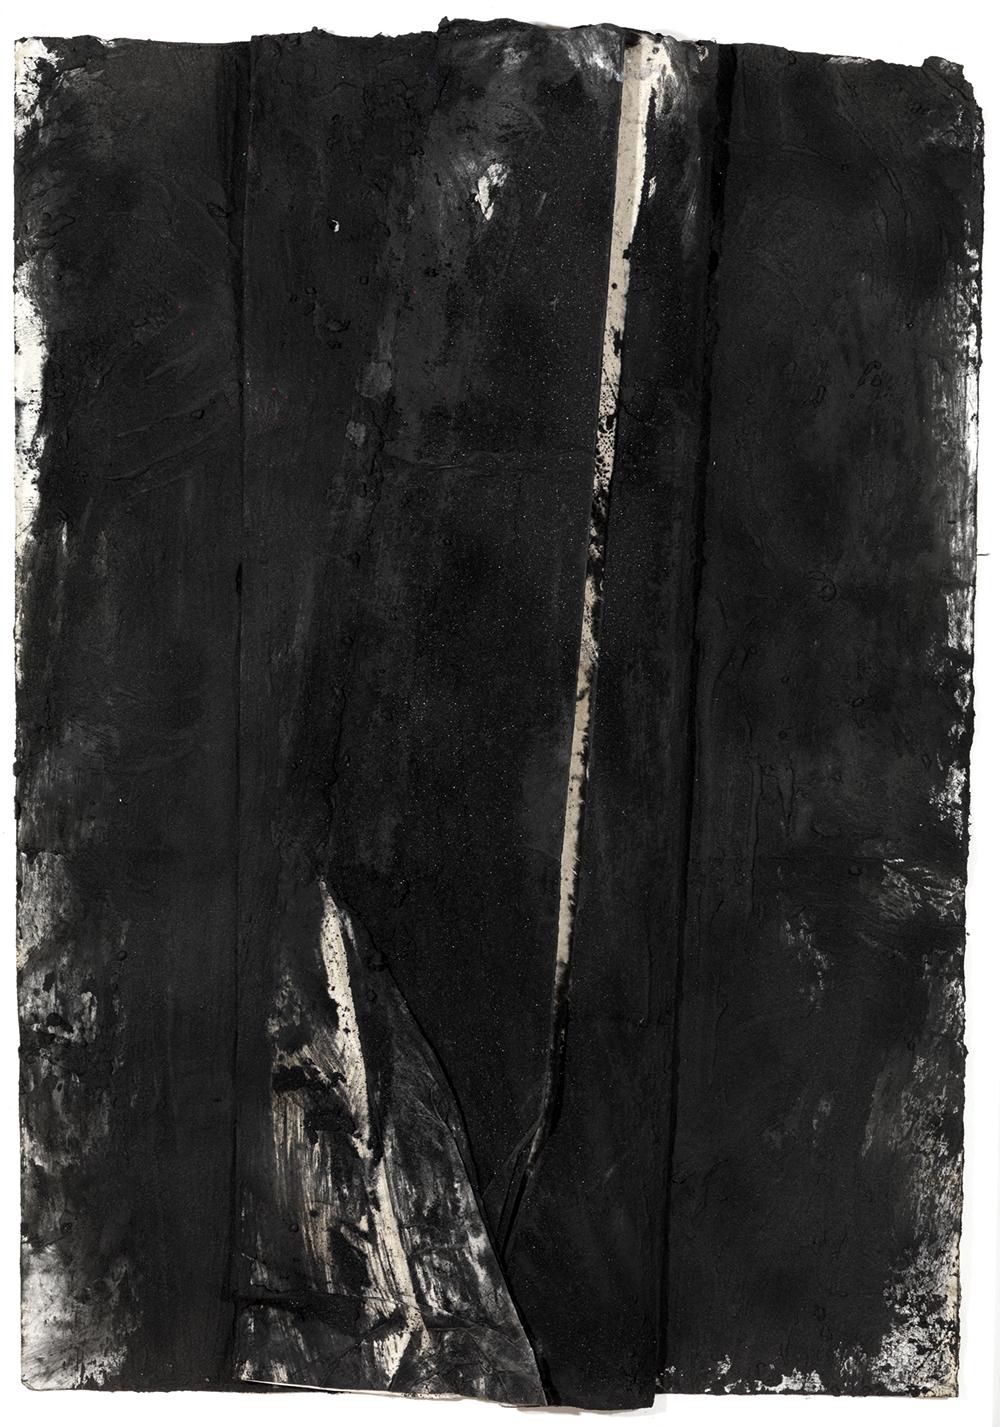 Senza titolo, 2007, sabbia vulcanica, ossido di ferro e carbone su carta, cm 125x91